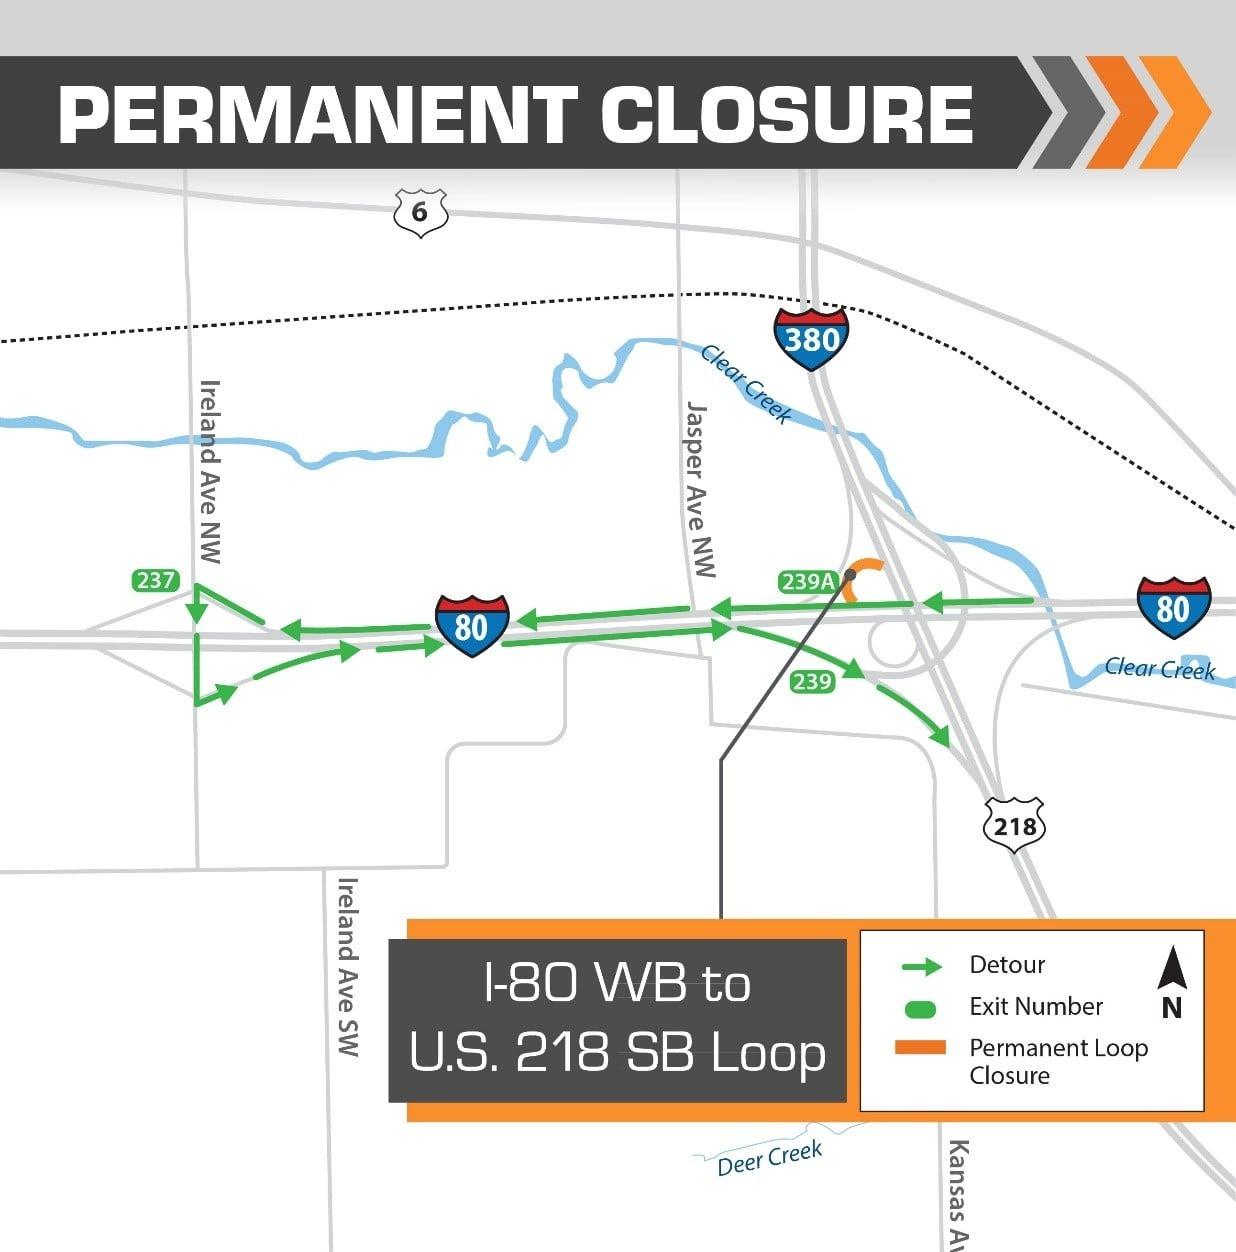 Interstate 80 ramp closure